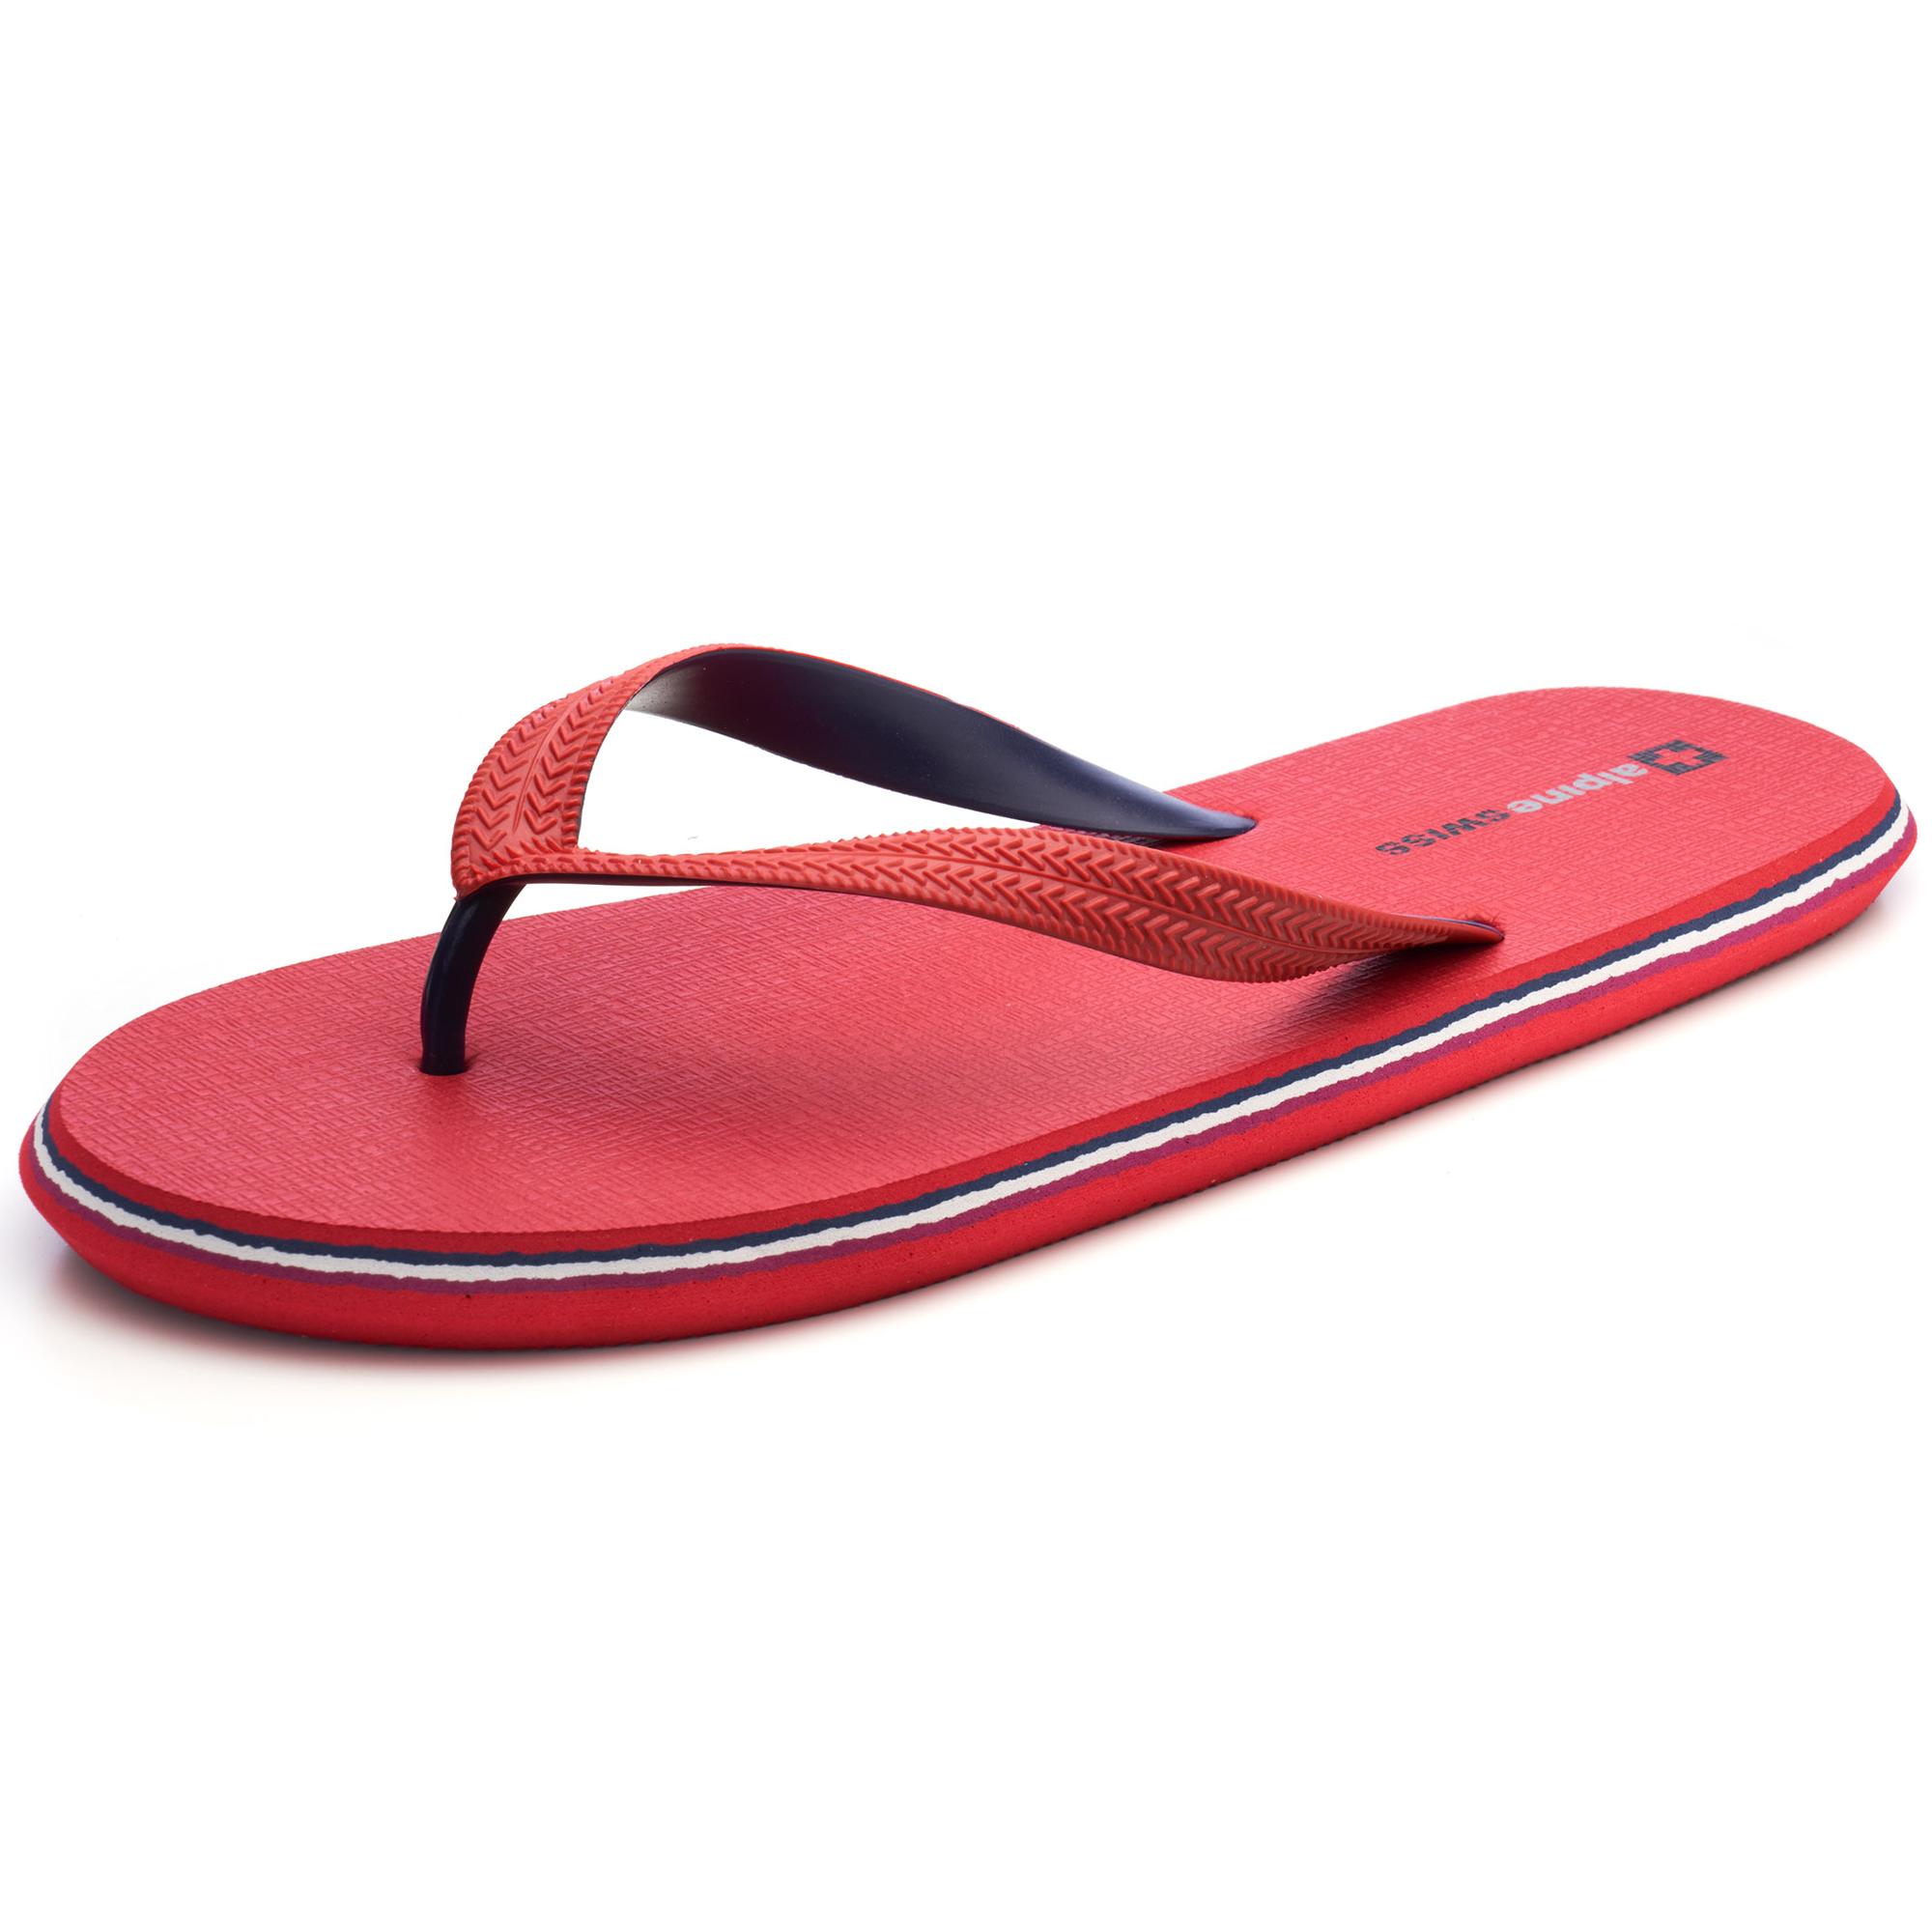 Alpine-Swiss-Mens-Flip-Flops-Beach-Sandals-Lightweight-EVA-Sole-Comfort-Thongs thumbnail 45